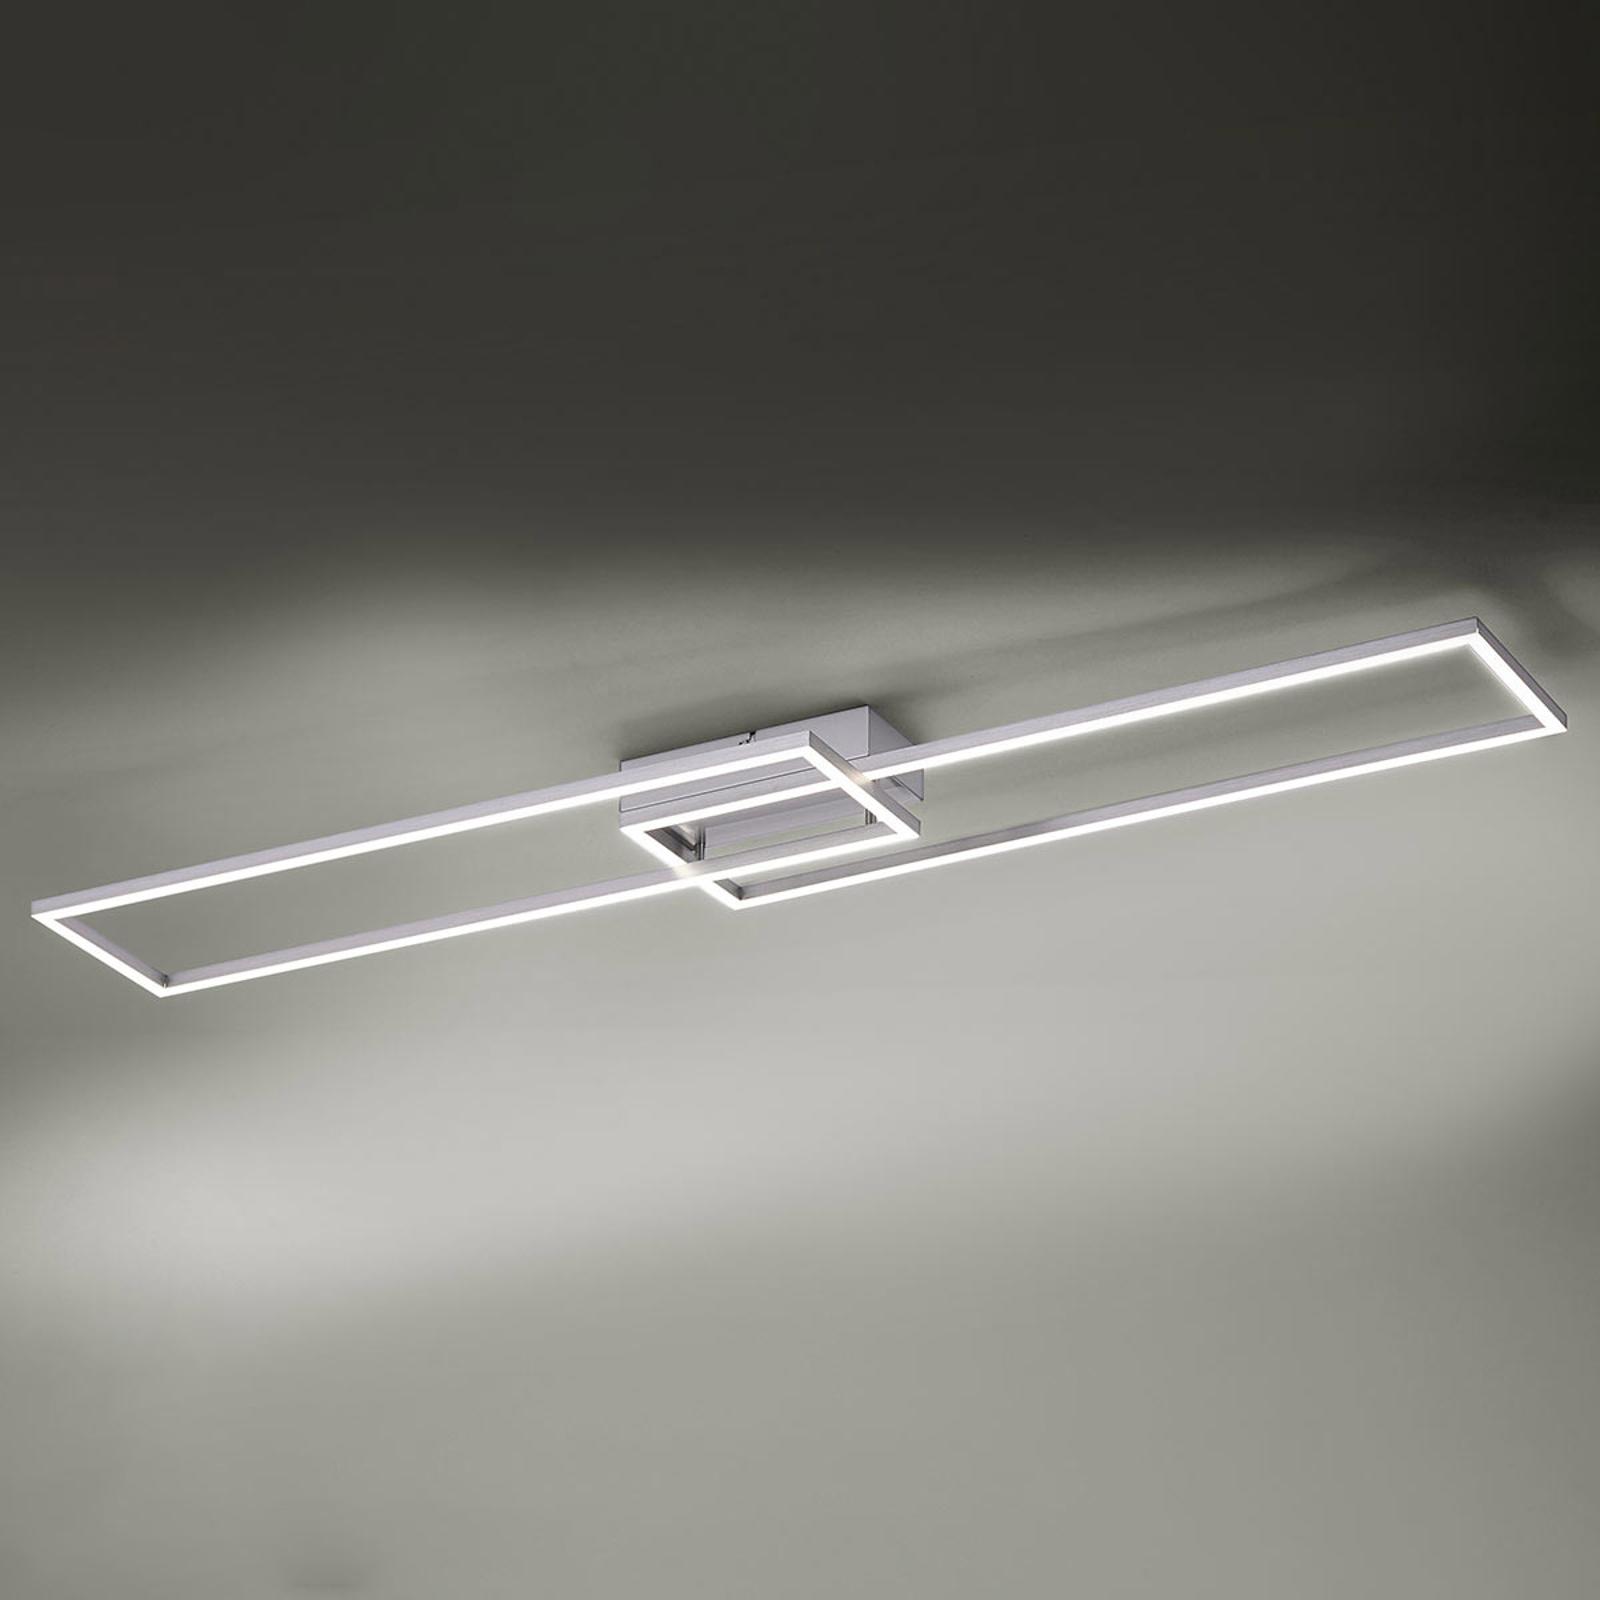 Plafonnier LED Iven avec télécommande 110cm